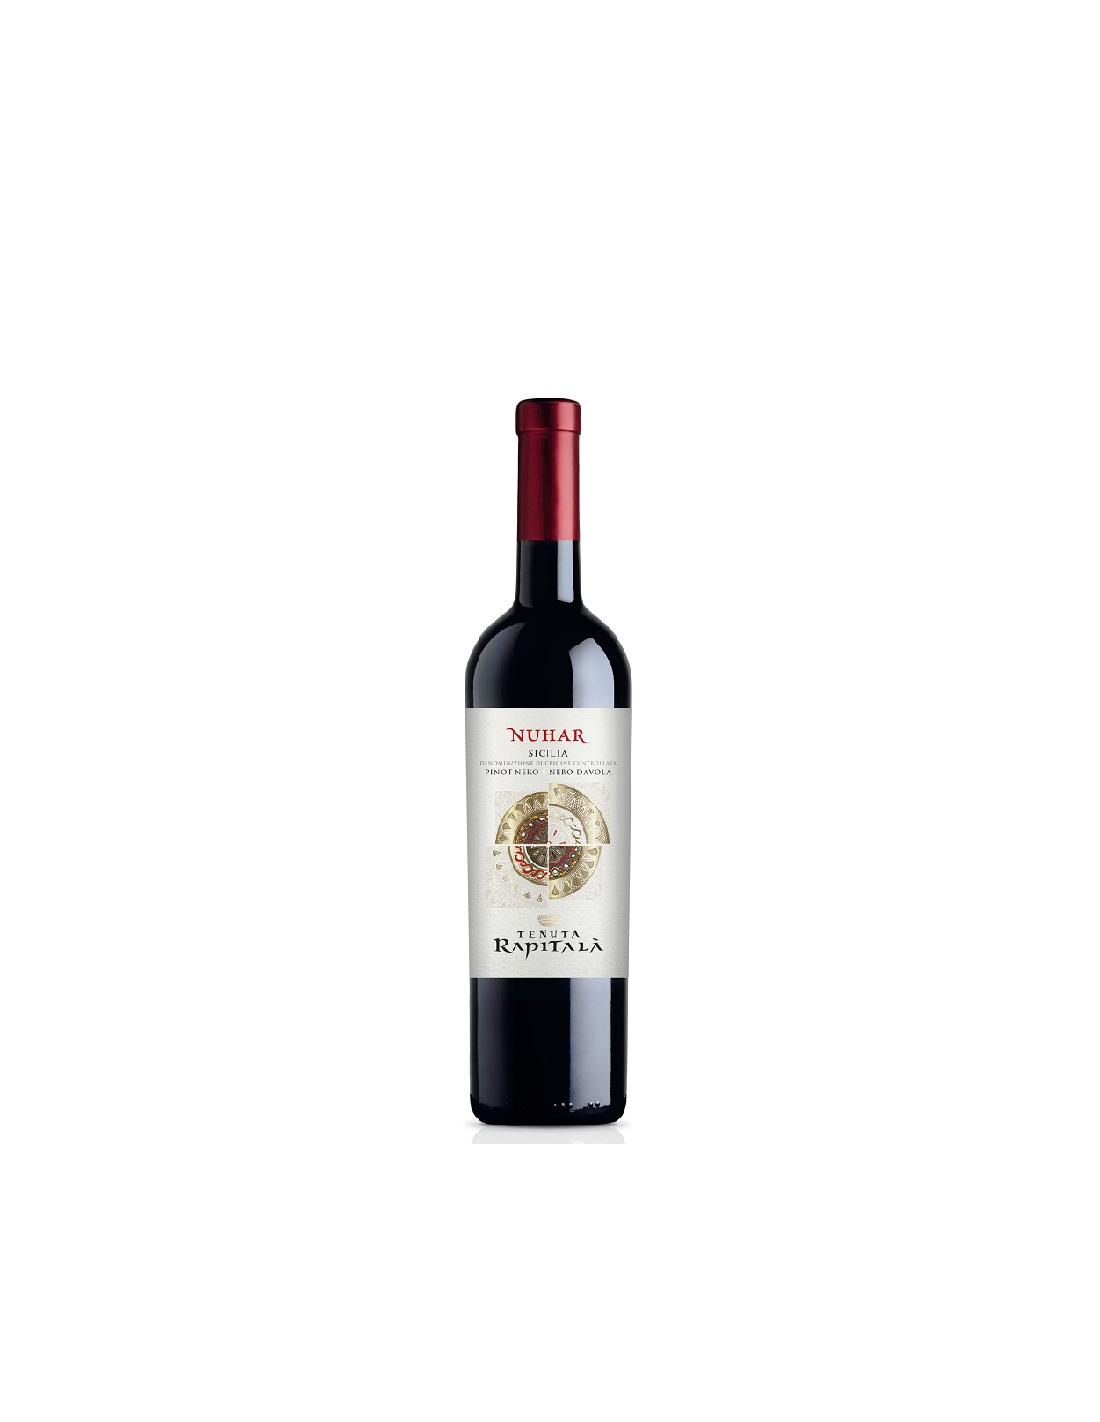 Vin rosu, Cupaj, Tenuta Rapitala Nuhar Sicilia, 13.5% alc., 0.75L, Italia